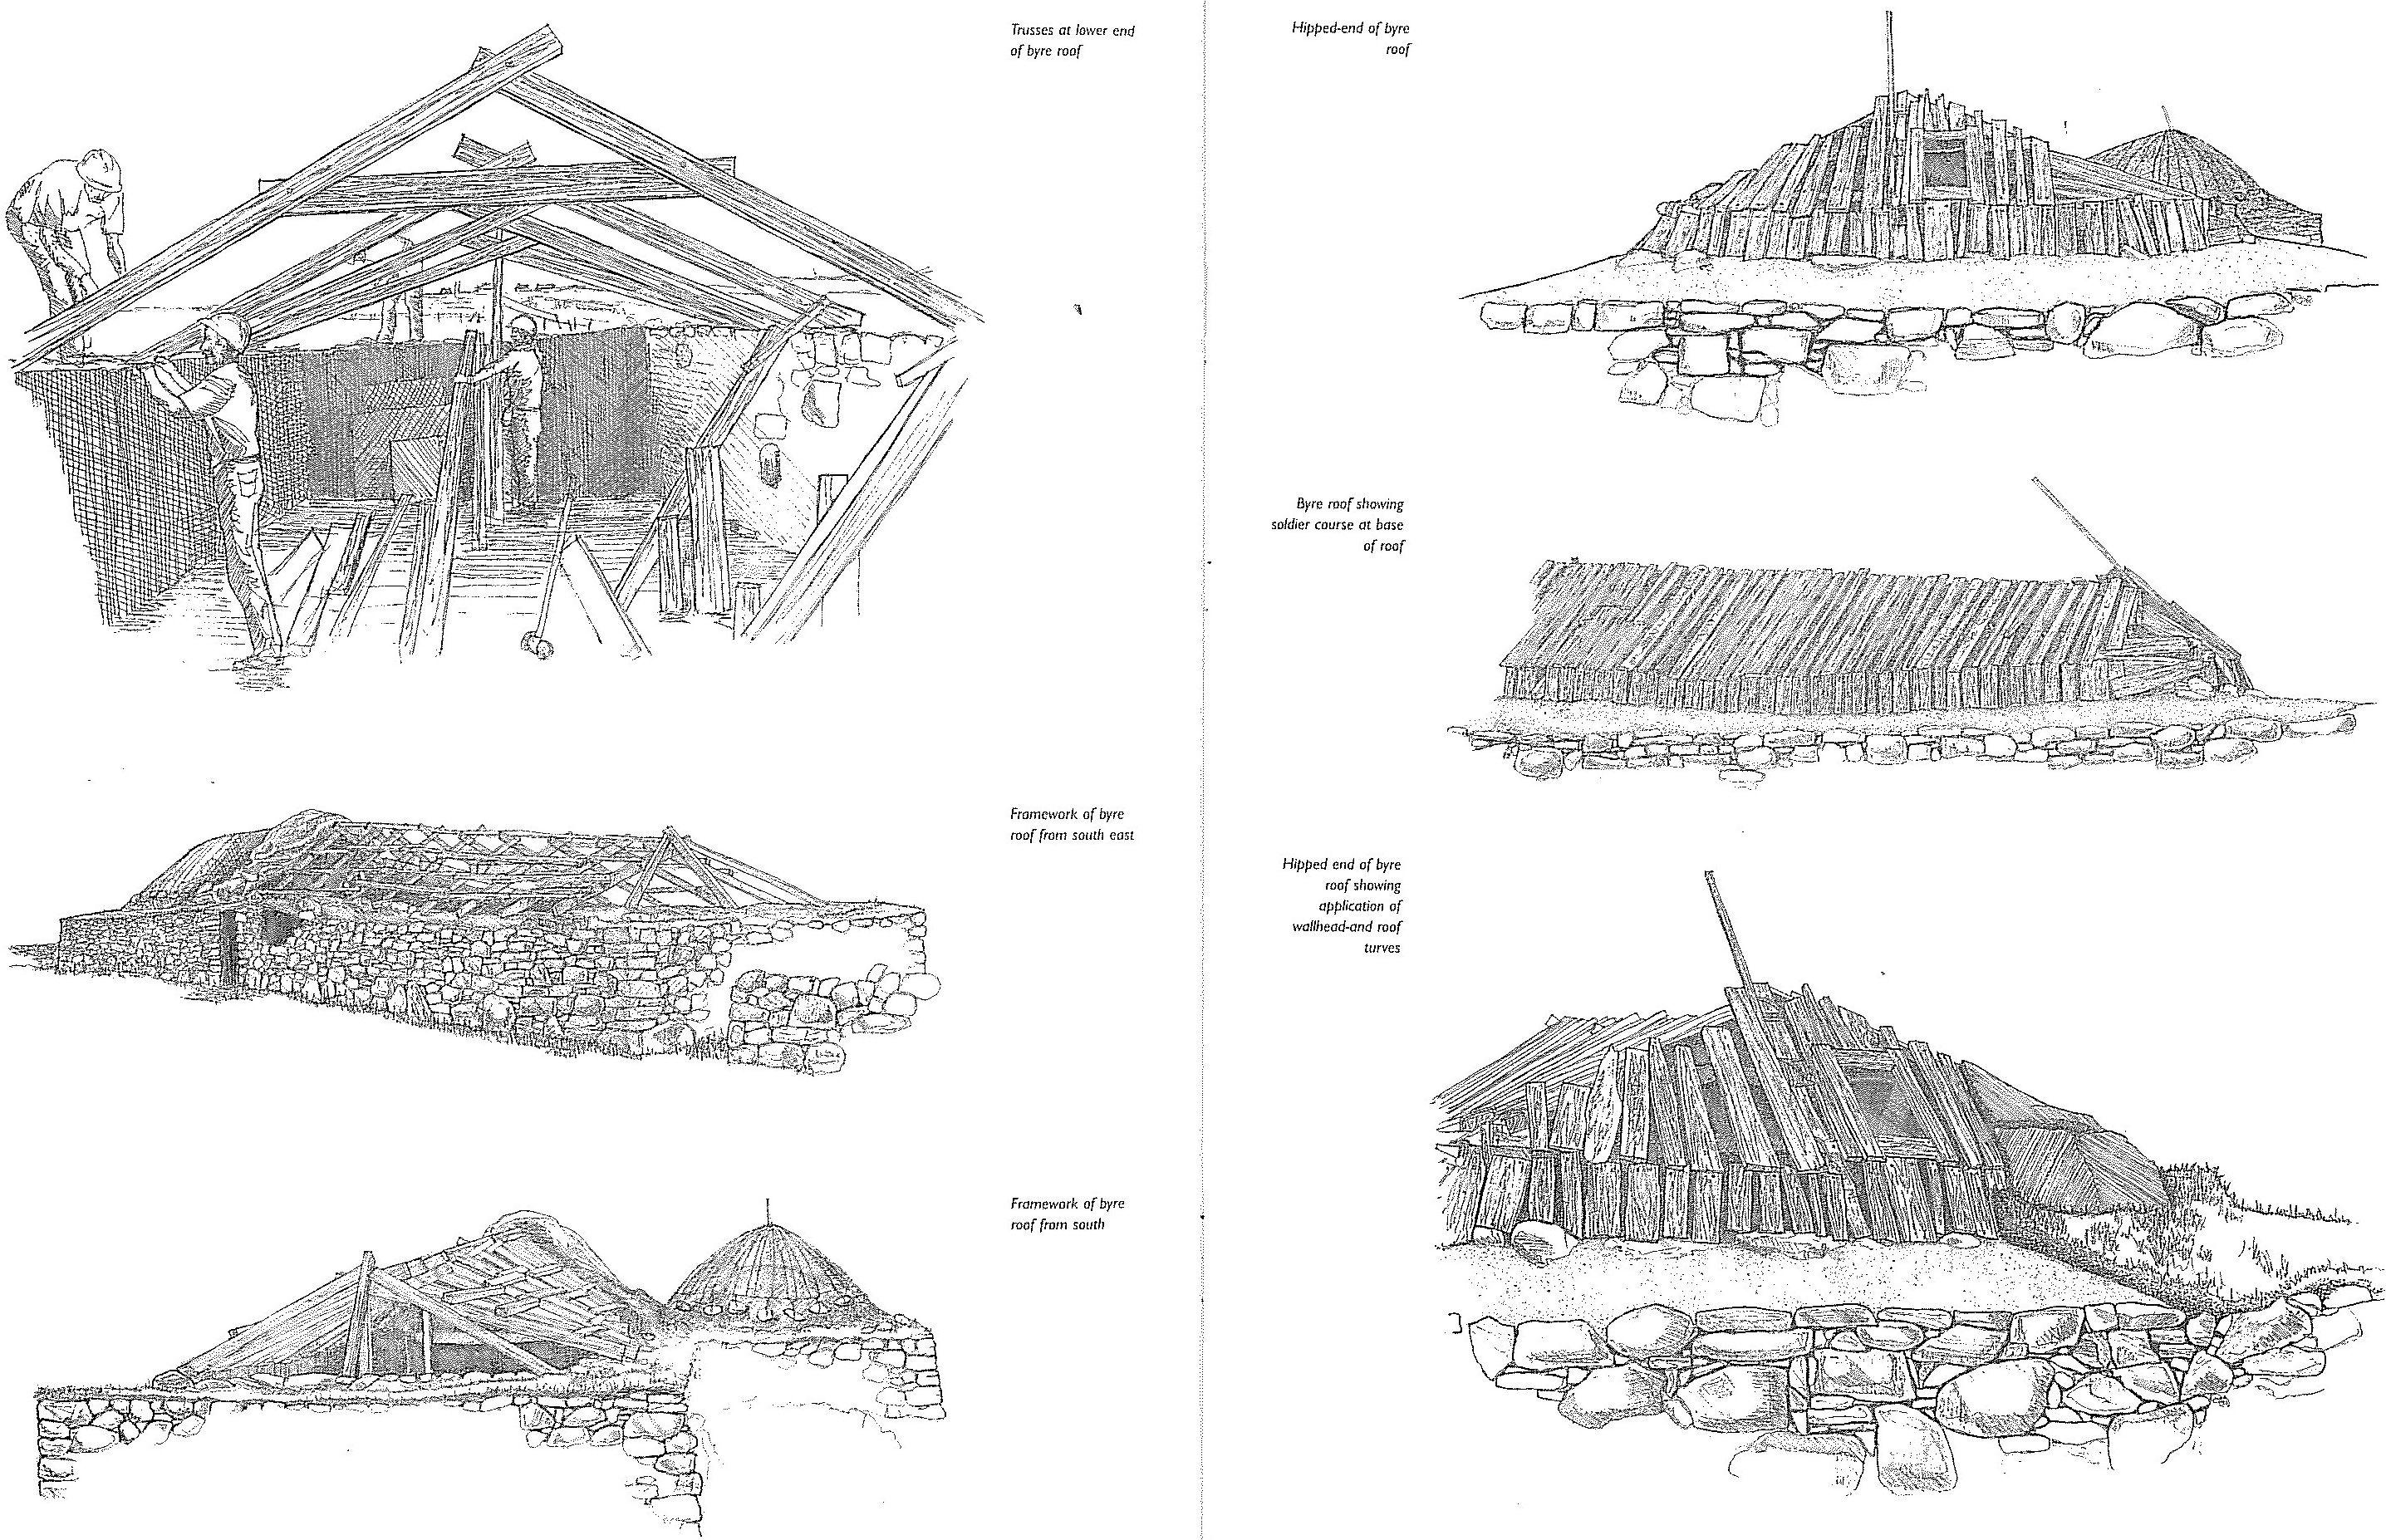 Modelling The St Kilda Blackhouse Vol Ii St Kilda Black House The St